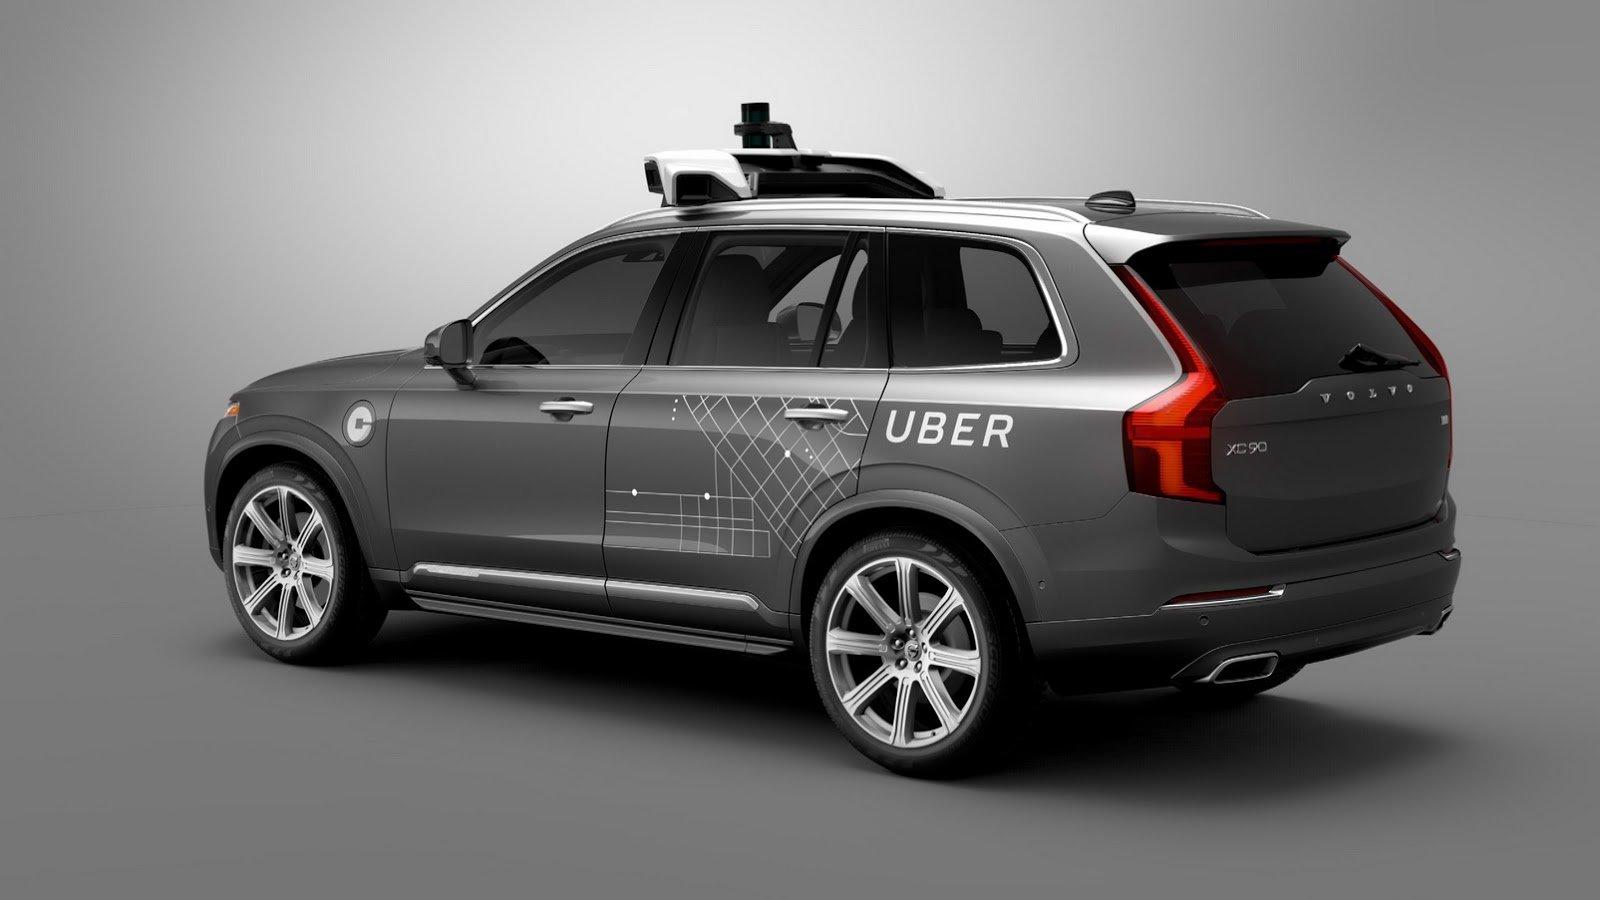 Volvo a Uber vyvíjejí technologii autonomního řízení.